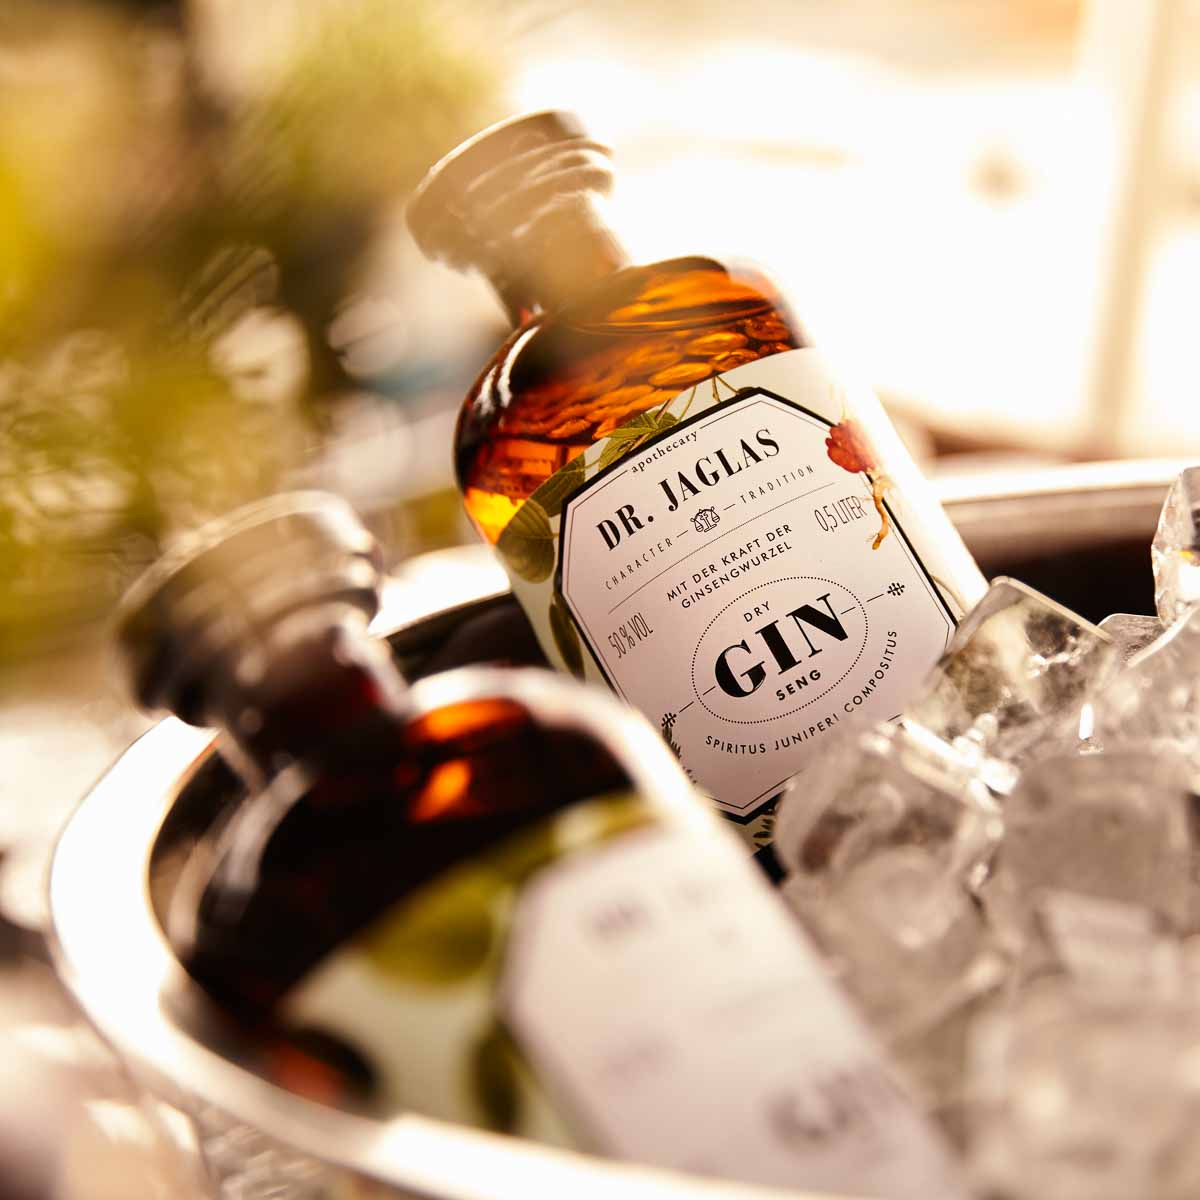 Dr. Jaglas Elixiere & Gin aus Berlin